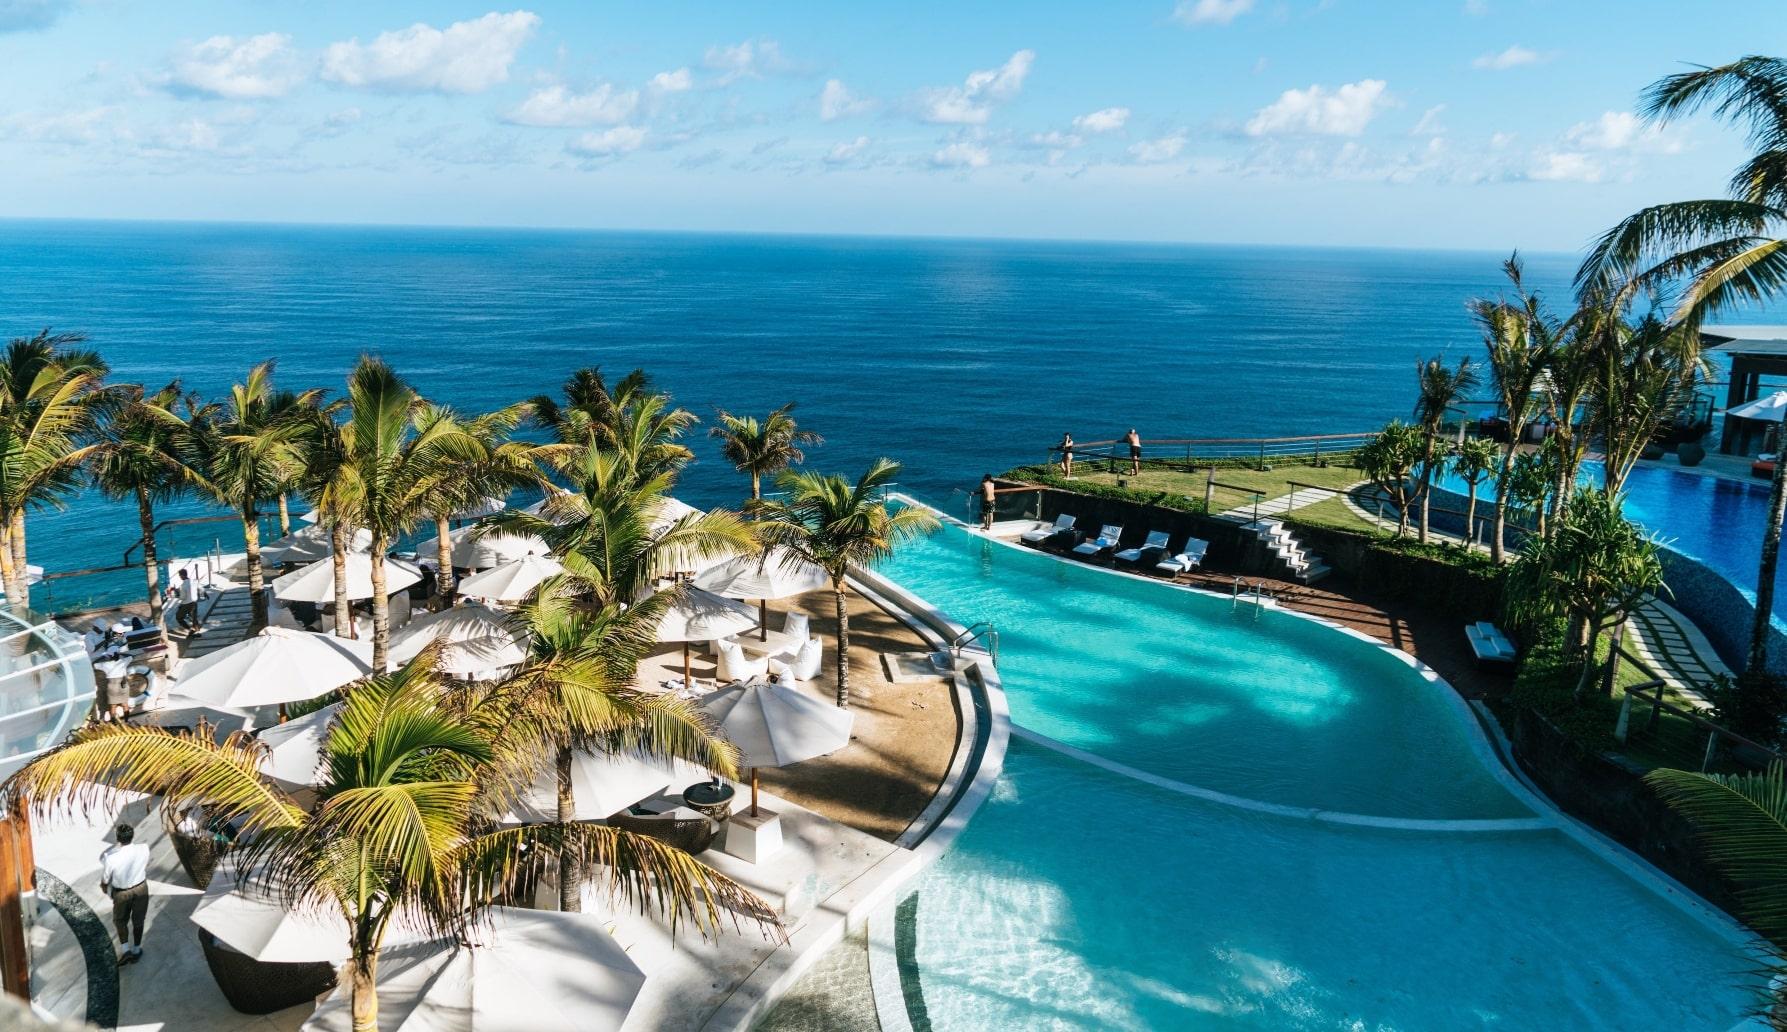 Sea view hotel destination